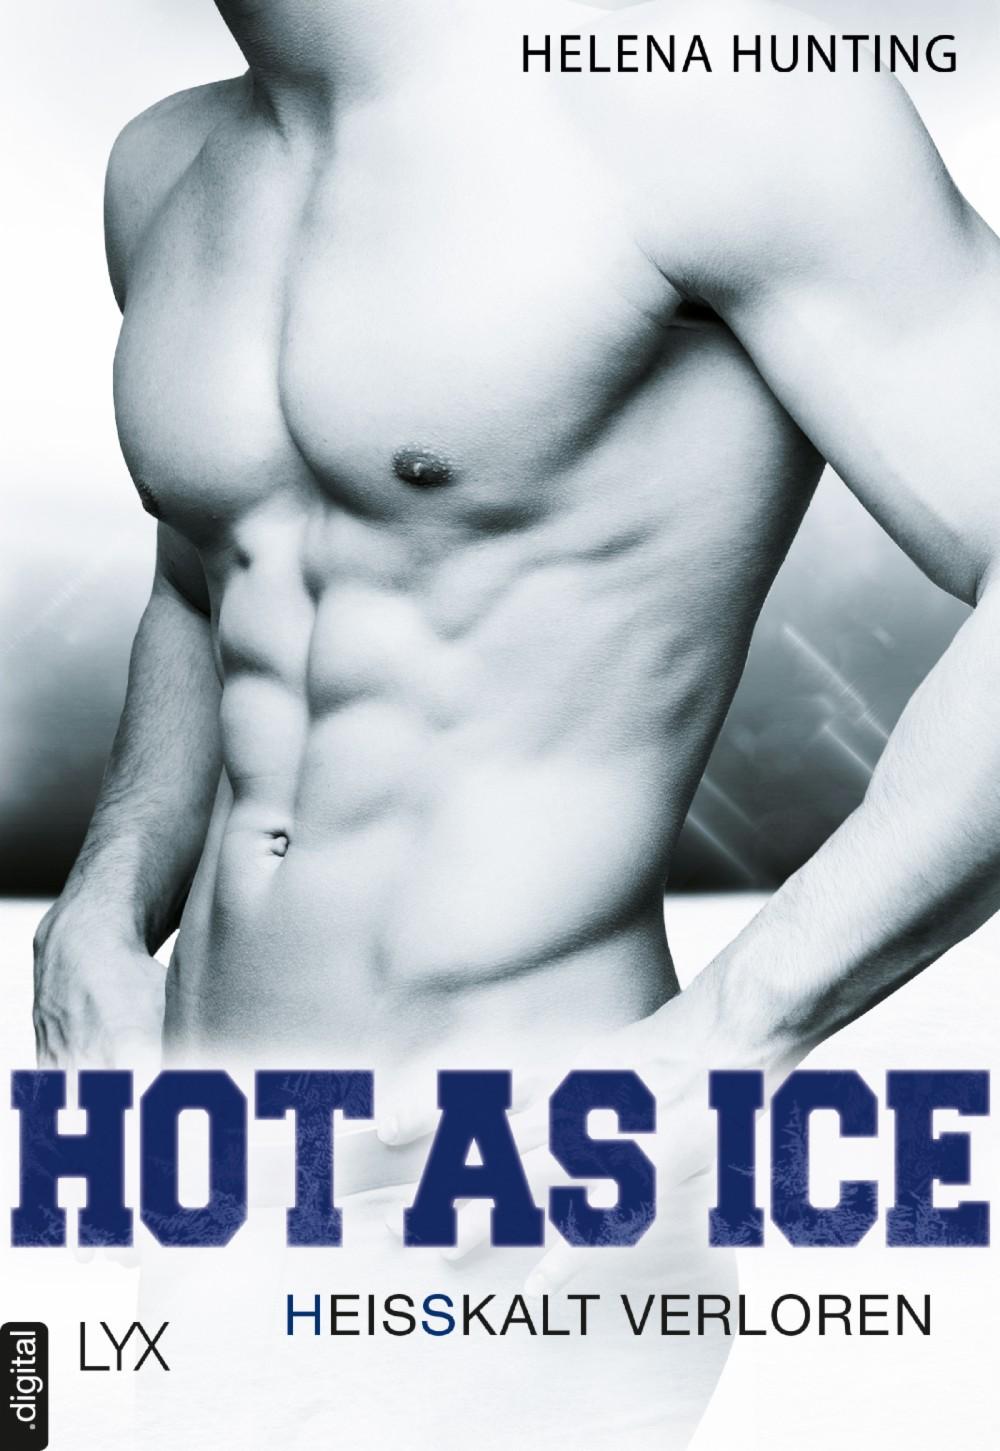 https://www.luebbe.de/lyx/ebooks/liebesromane/hot-as-ice-heisskalt-verloren/id_6458006